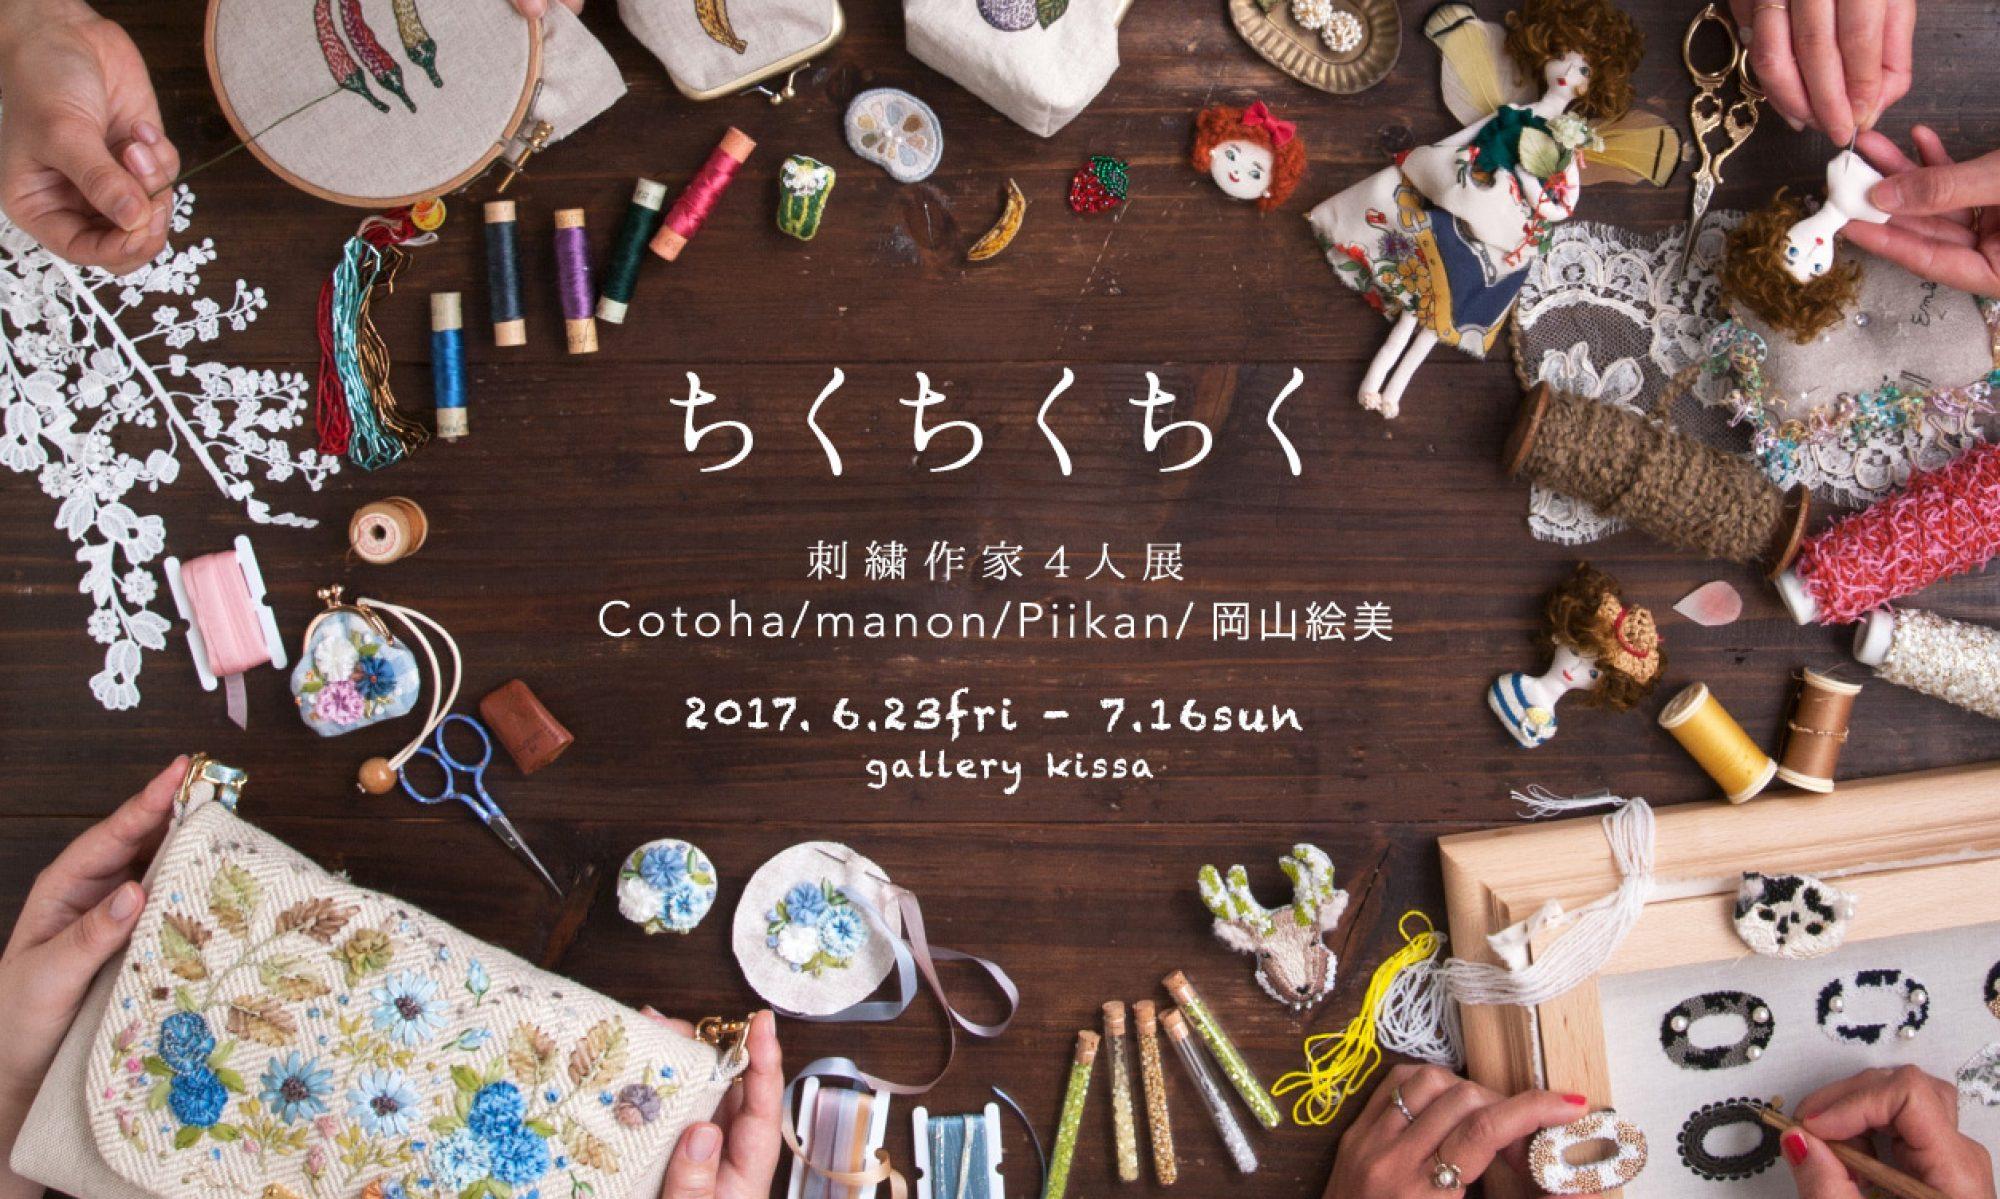 ゼロからギャラリーで発表まで 絵本作家と創る「絵本創作ワークショップ」 第4期絵本展 @ gallery kissa | 台東区 | 東京都 | 日本